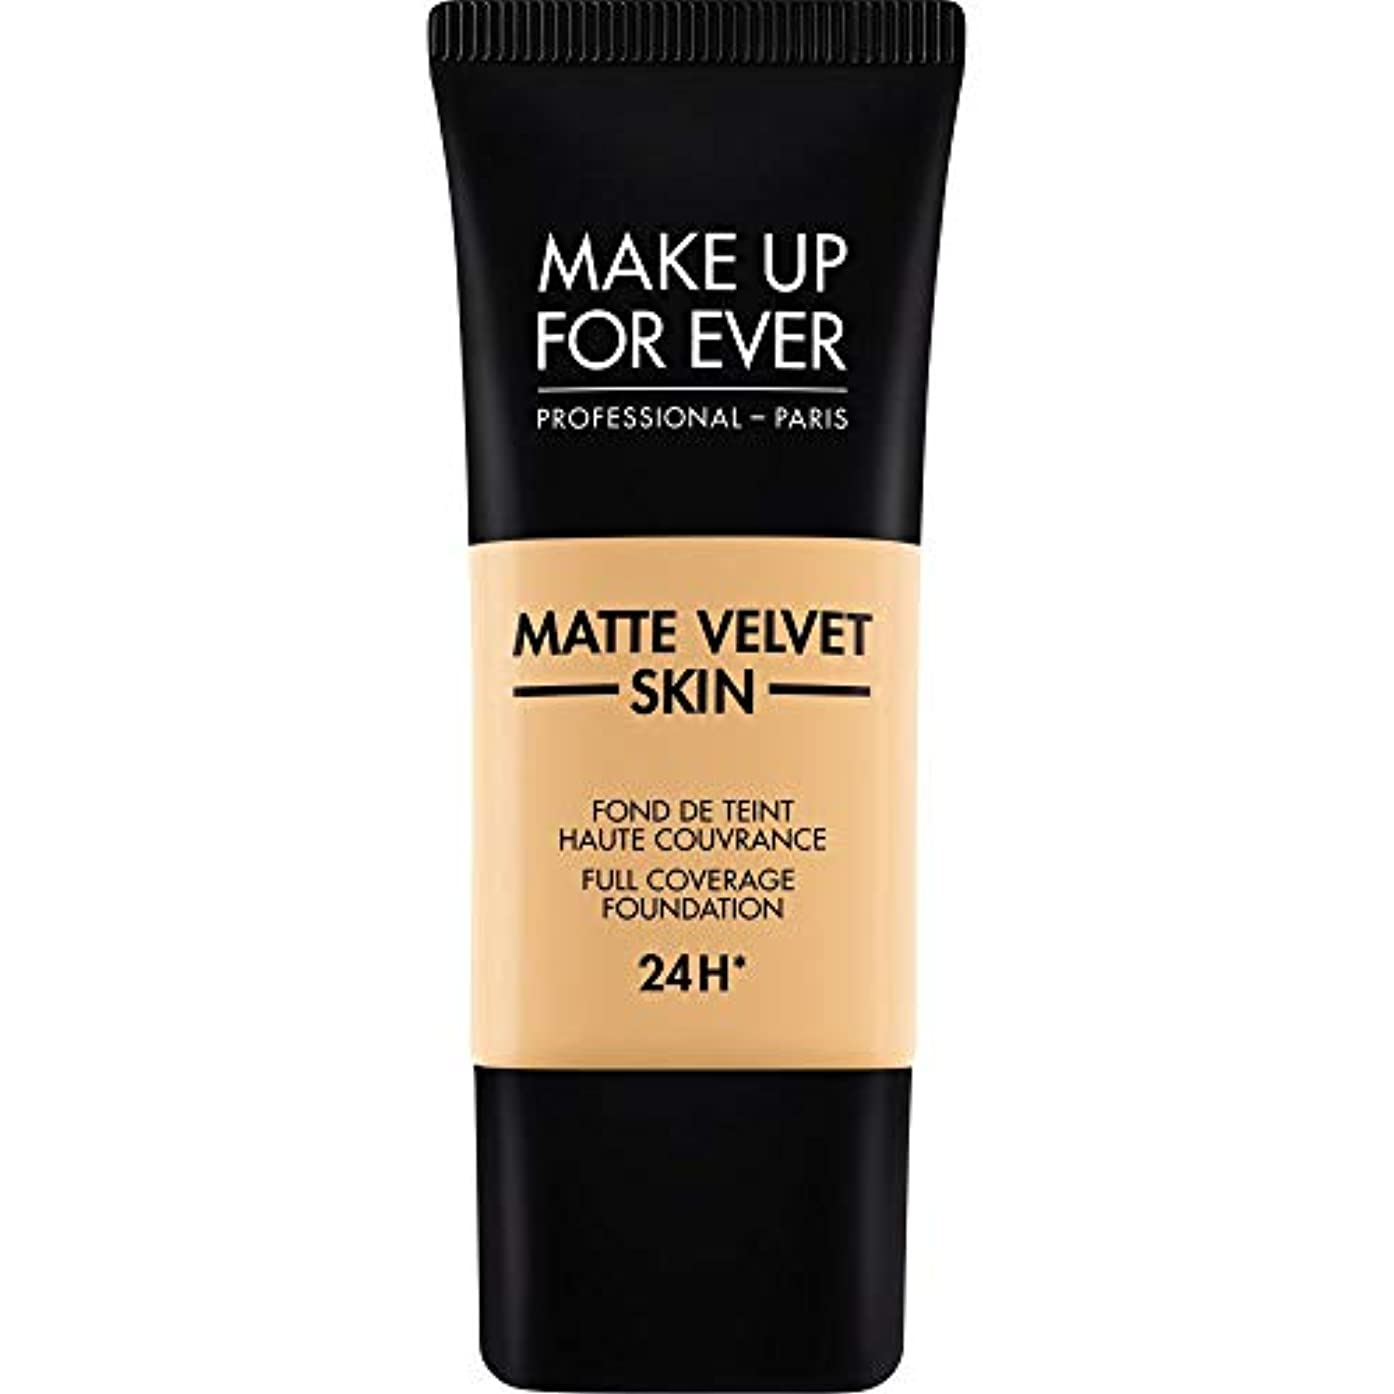 色浪費びっくりする[MAKE UP FOR EVER ] 柔らかい砂 - これまでマットベルベットの皮膚のフルカバレッジ基礎30ミリリットルのY245を補います - MAKE UP FOR EVER Matte Velvet Skin Full...